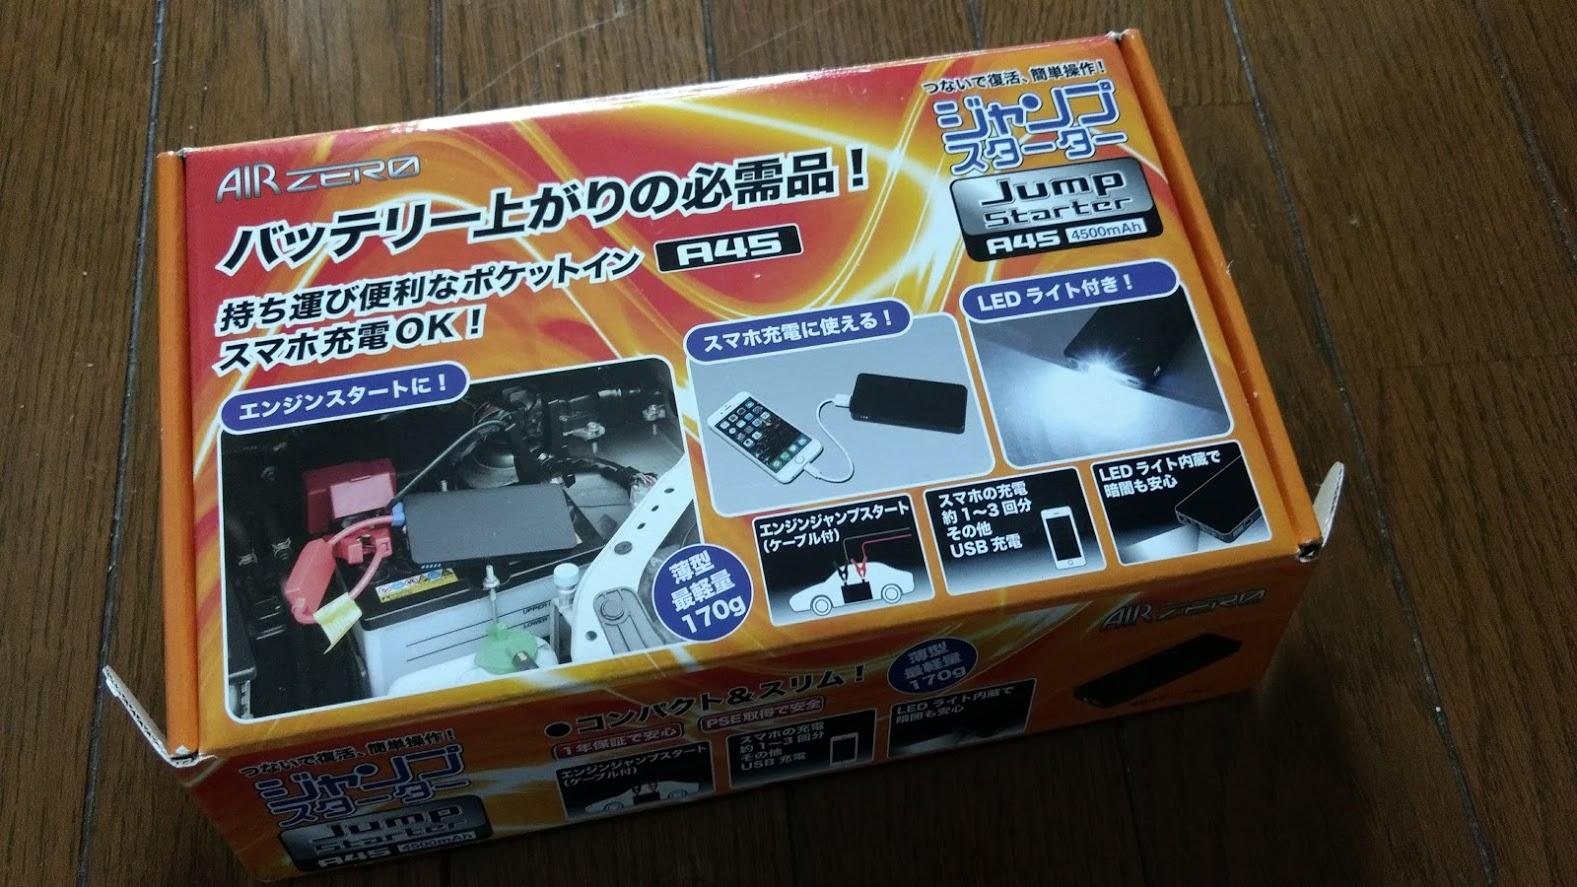 ジャンプスターターとスマホバッテリーがついて2,980円は安すぎ!